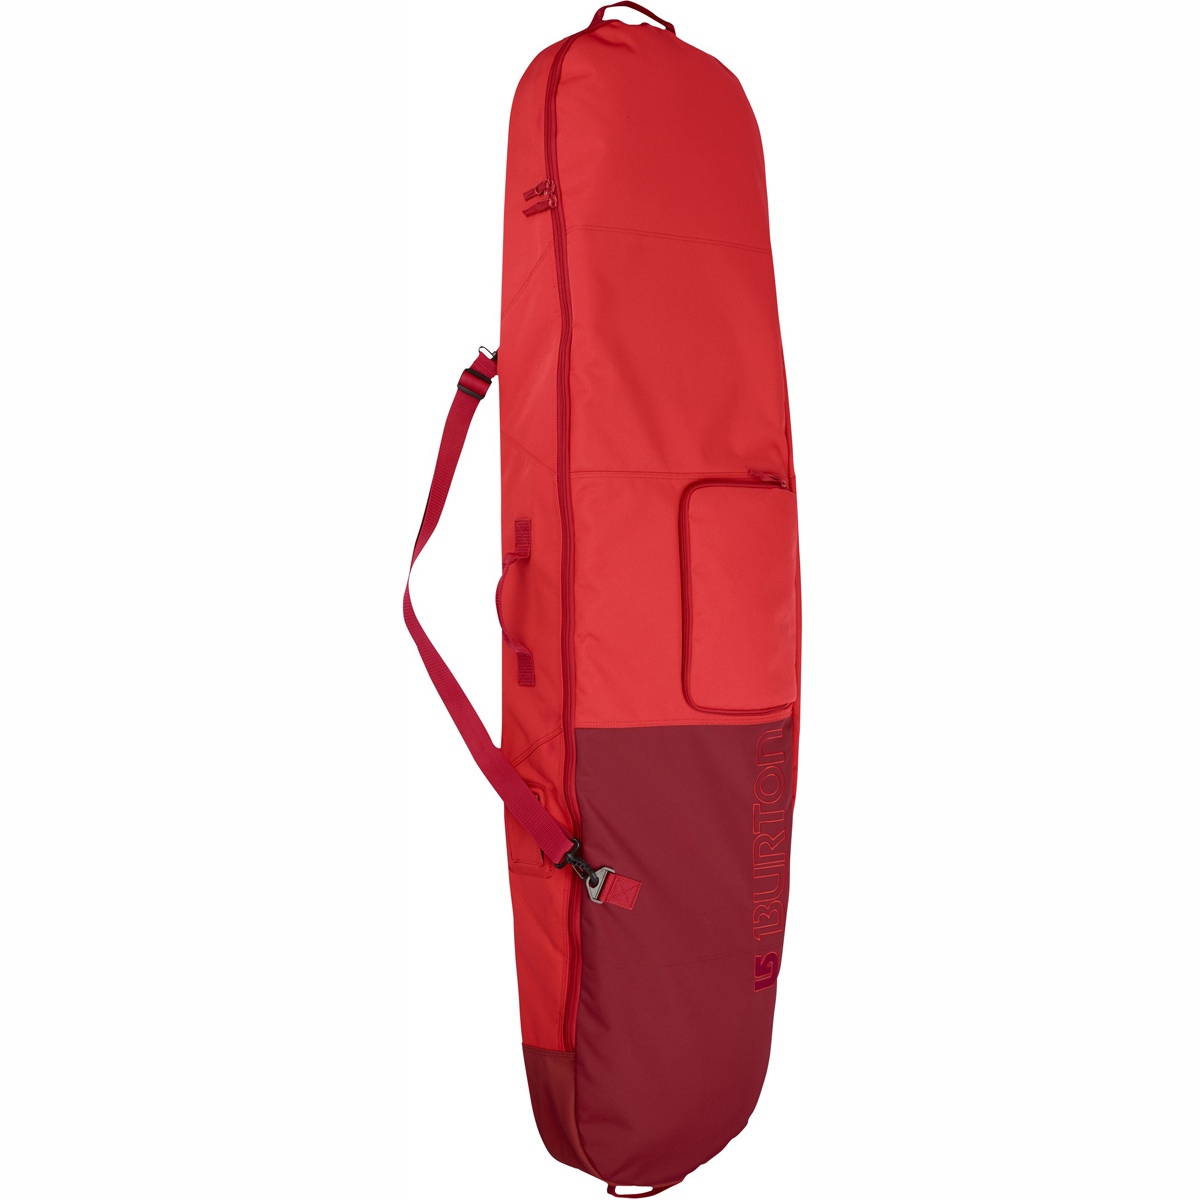 Купить Чехол для сноуборда BURTON BOARD SACK 156 REAL RED TARP Чехлы 1151415